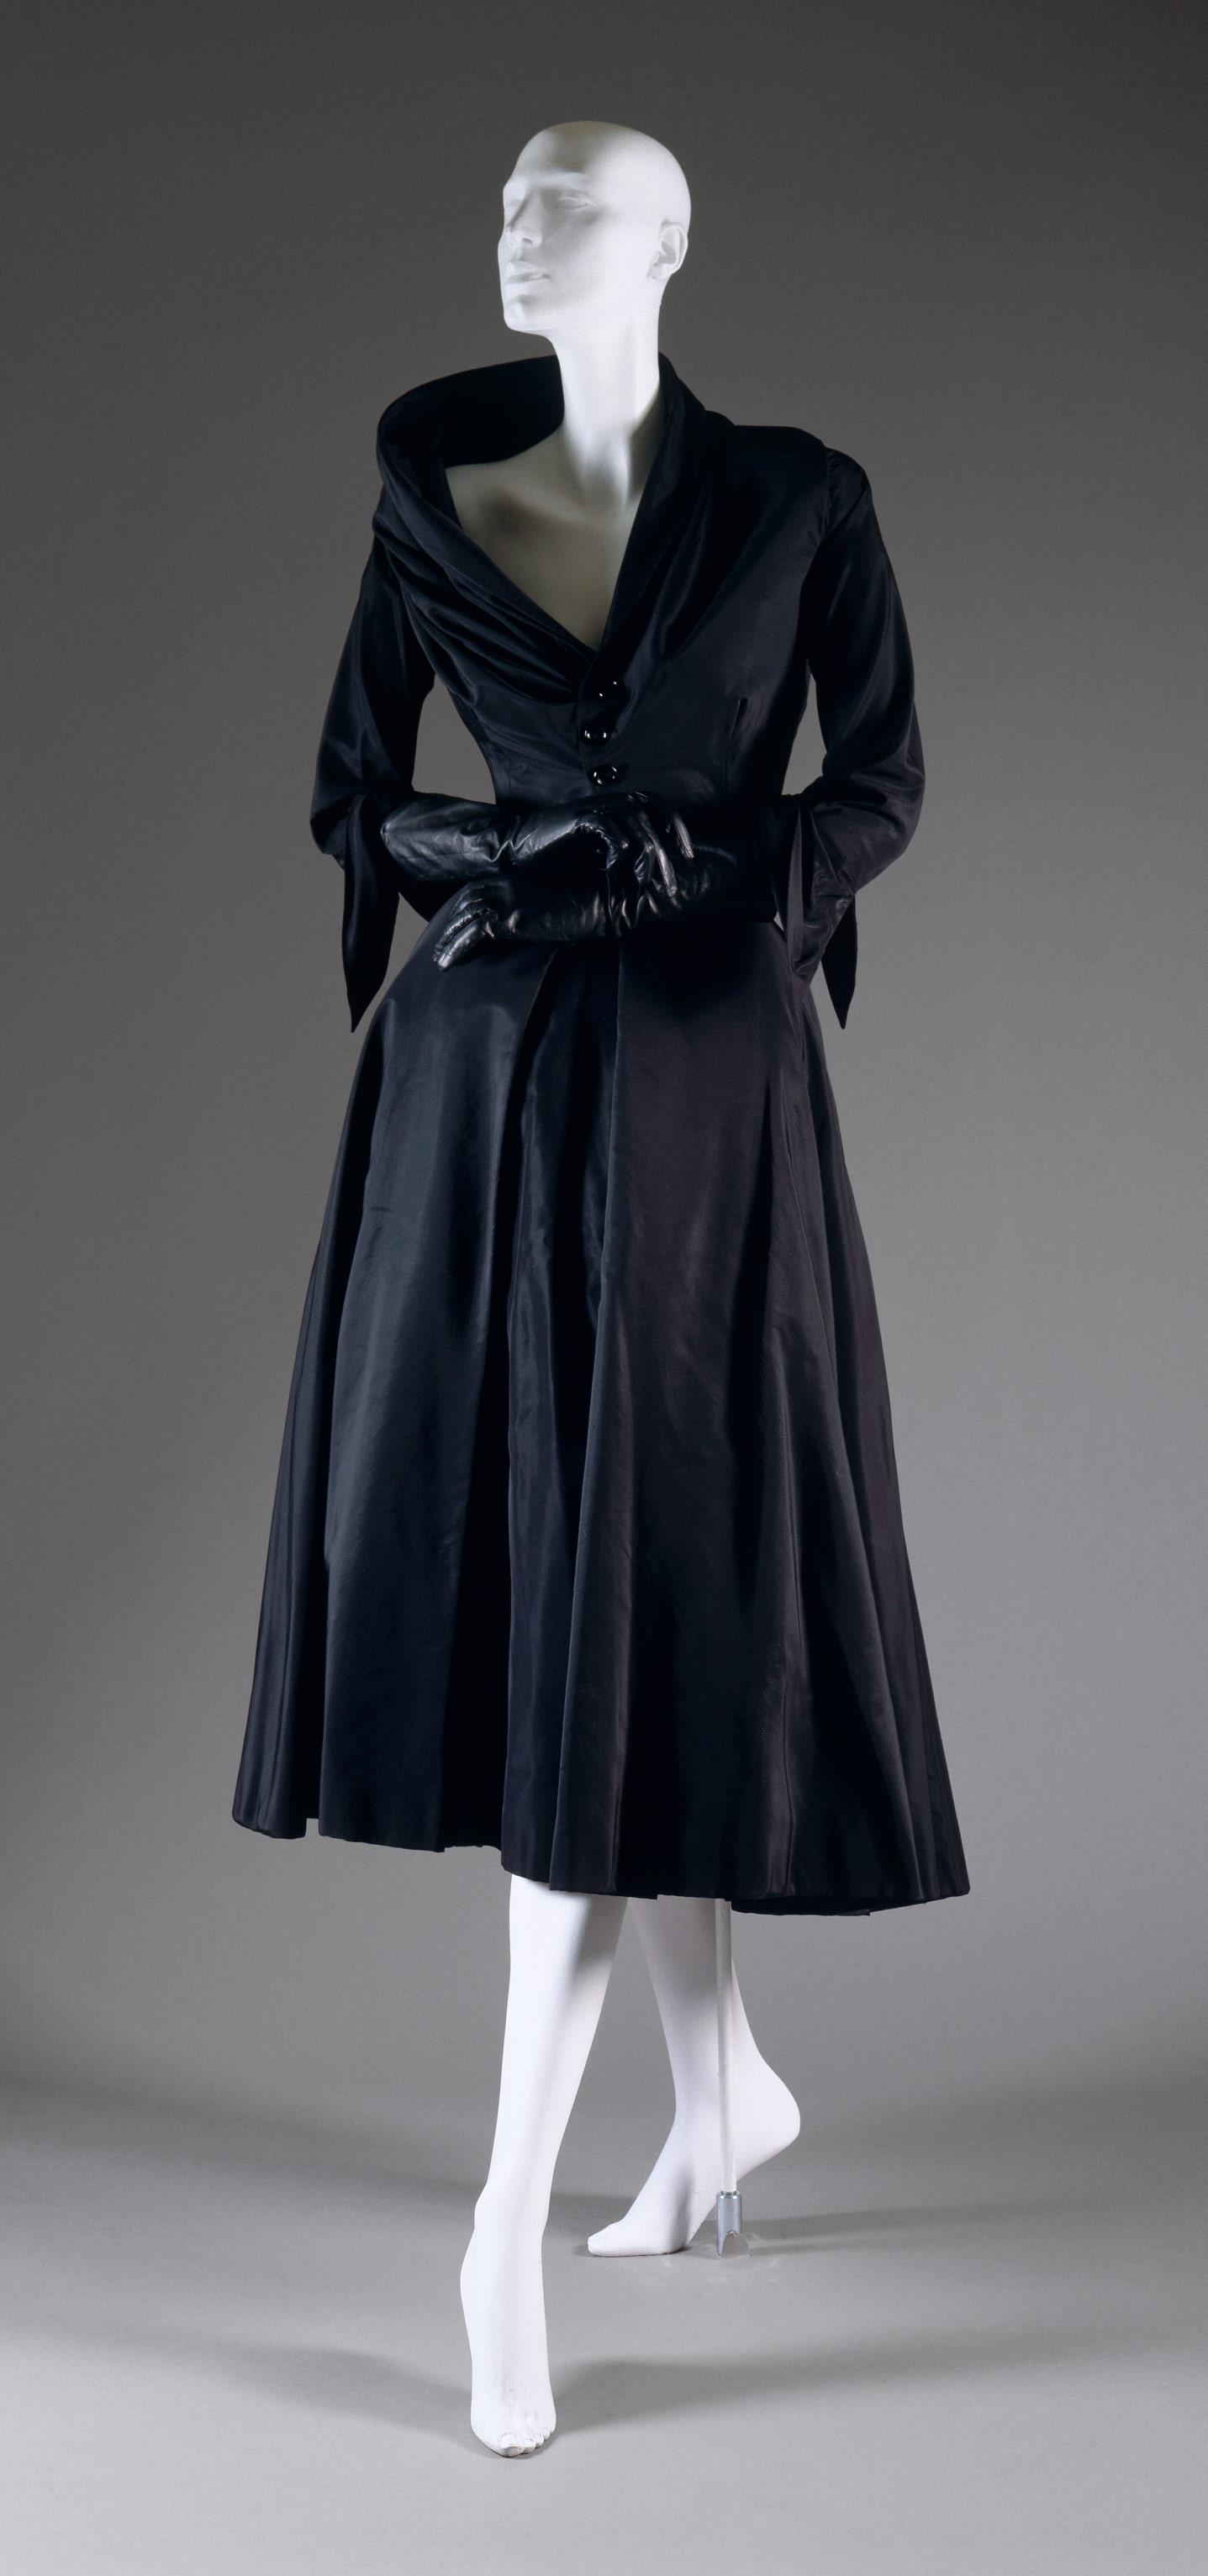 ازياء كريستيان ديور Christian Dior